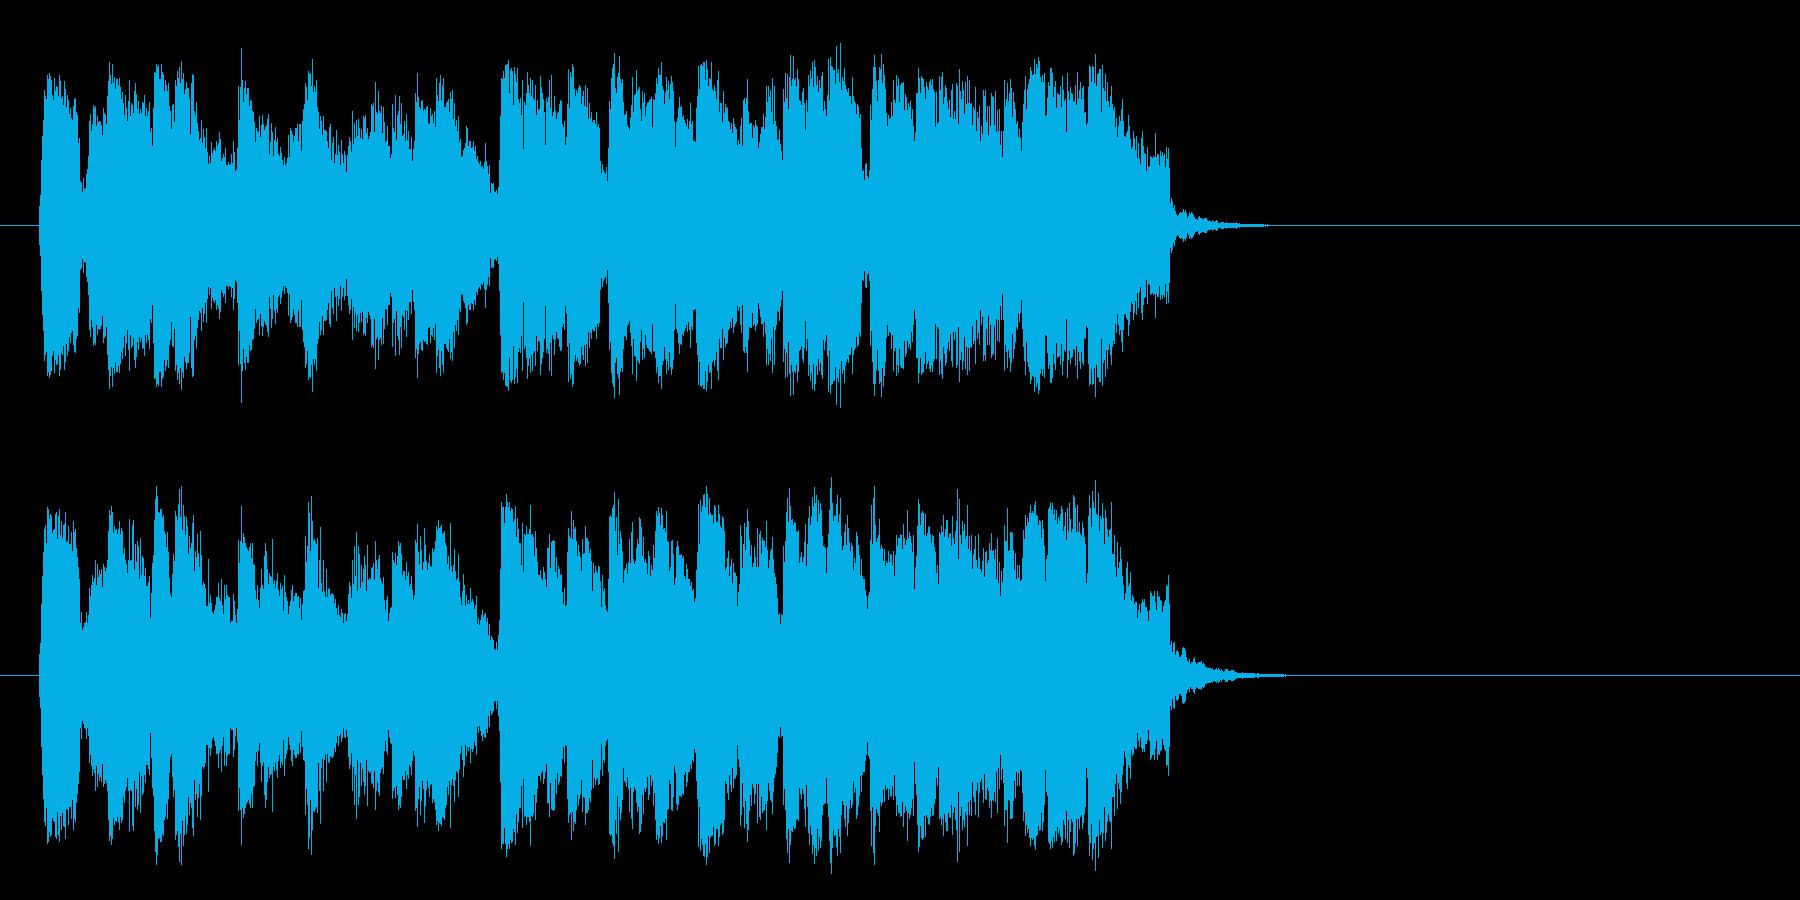 懐しいビッグバンドジャズ(サビ)の再生済みの波形